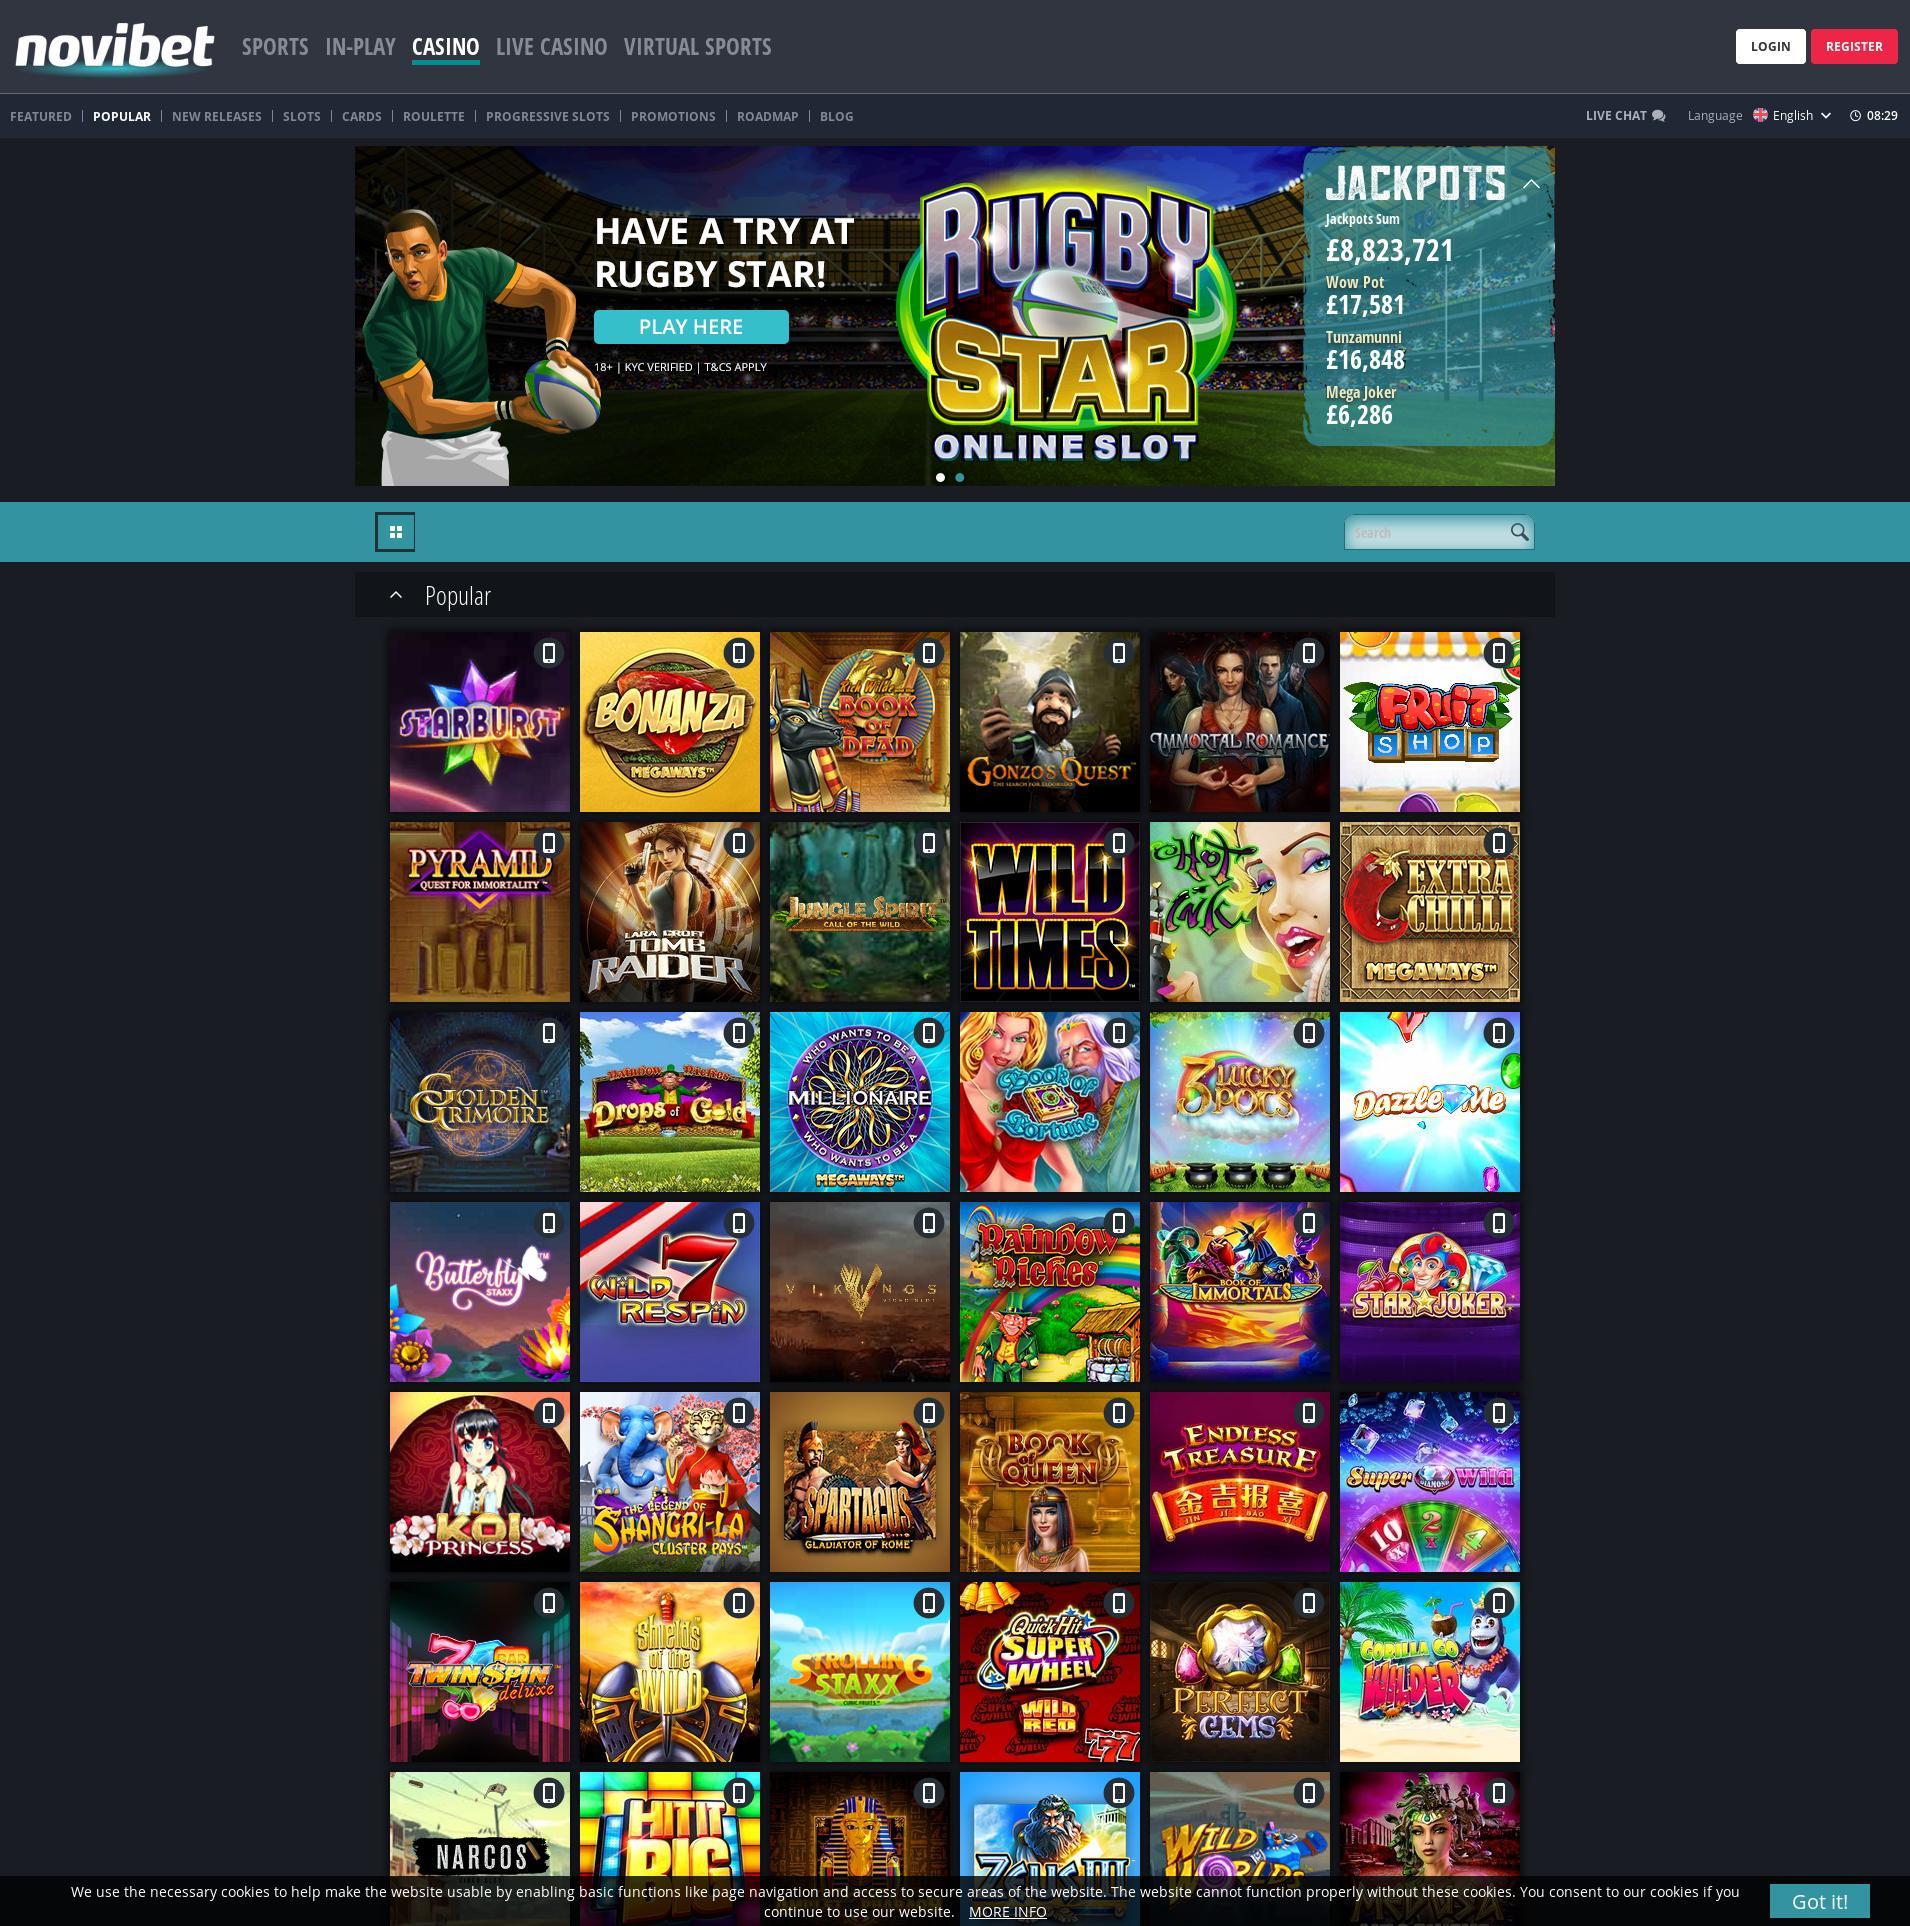 カジノのスクリーン Lobby 2019-09-20 ために イギリス